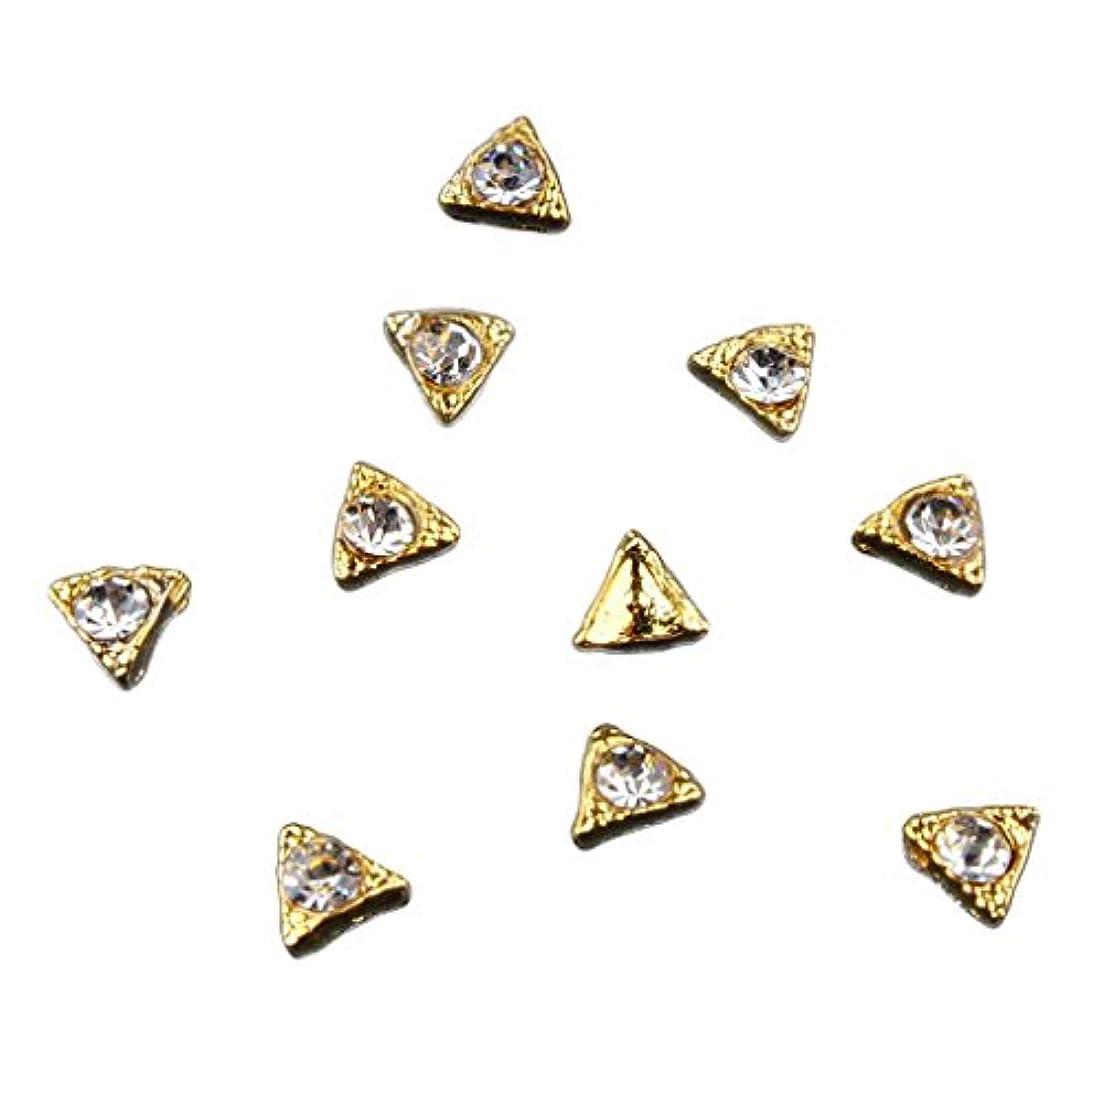 土曜日ドル増幅器50個入り ネイル ネイルデザイン ダイヤモンド 3Dネイルアート ヒントステッカー デコレーション - 7